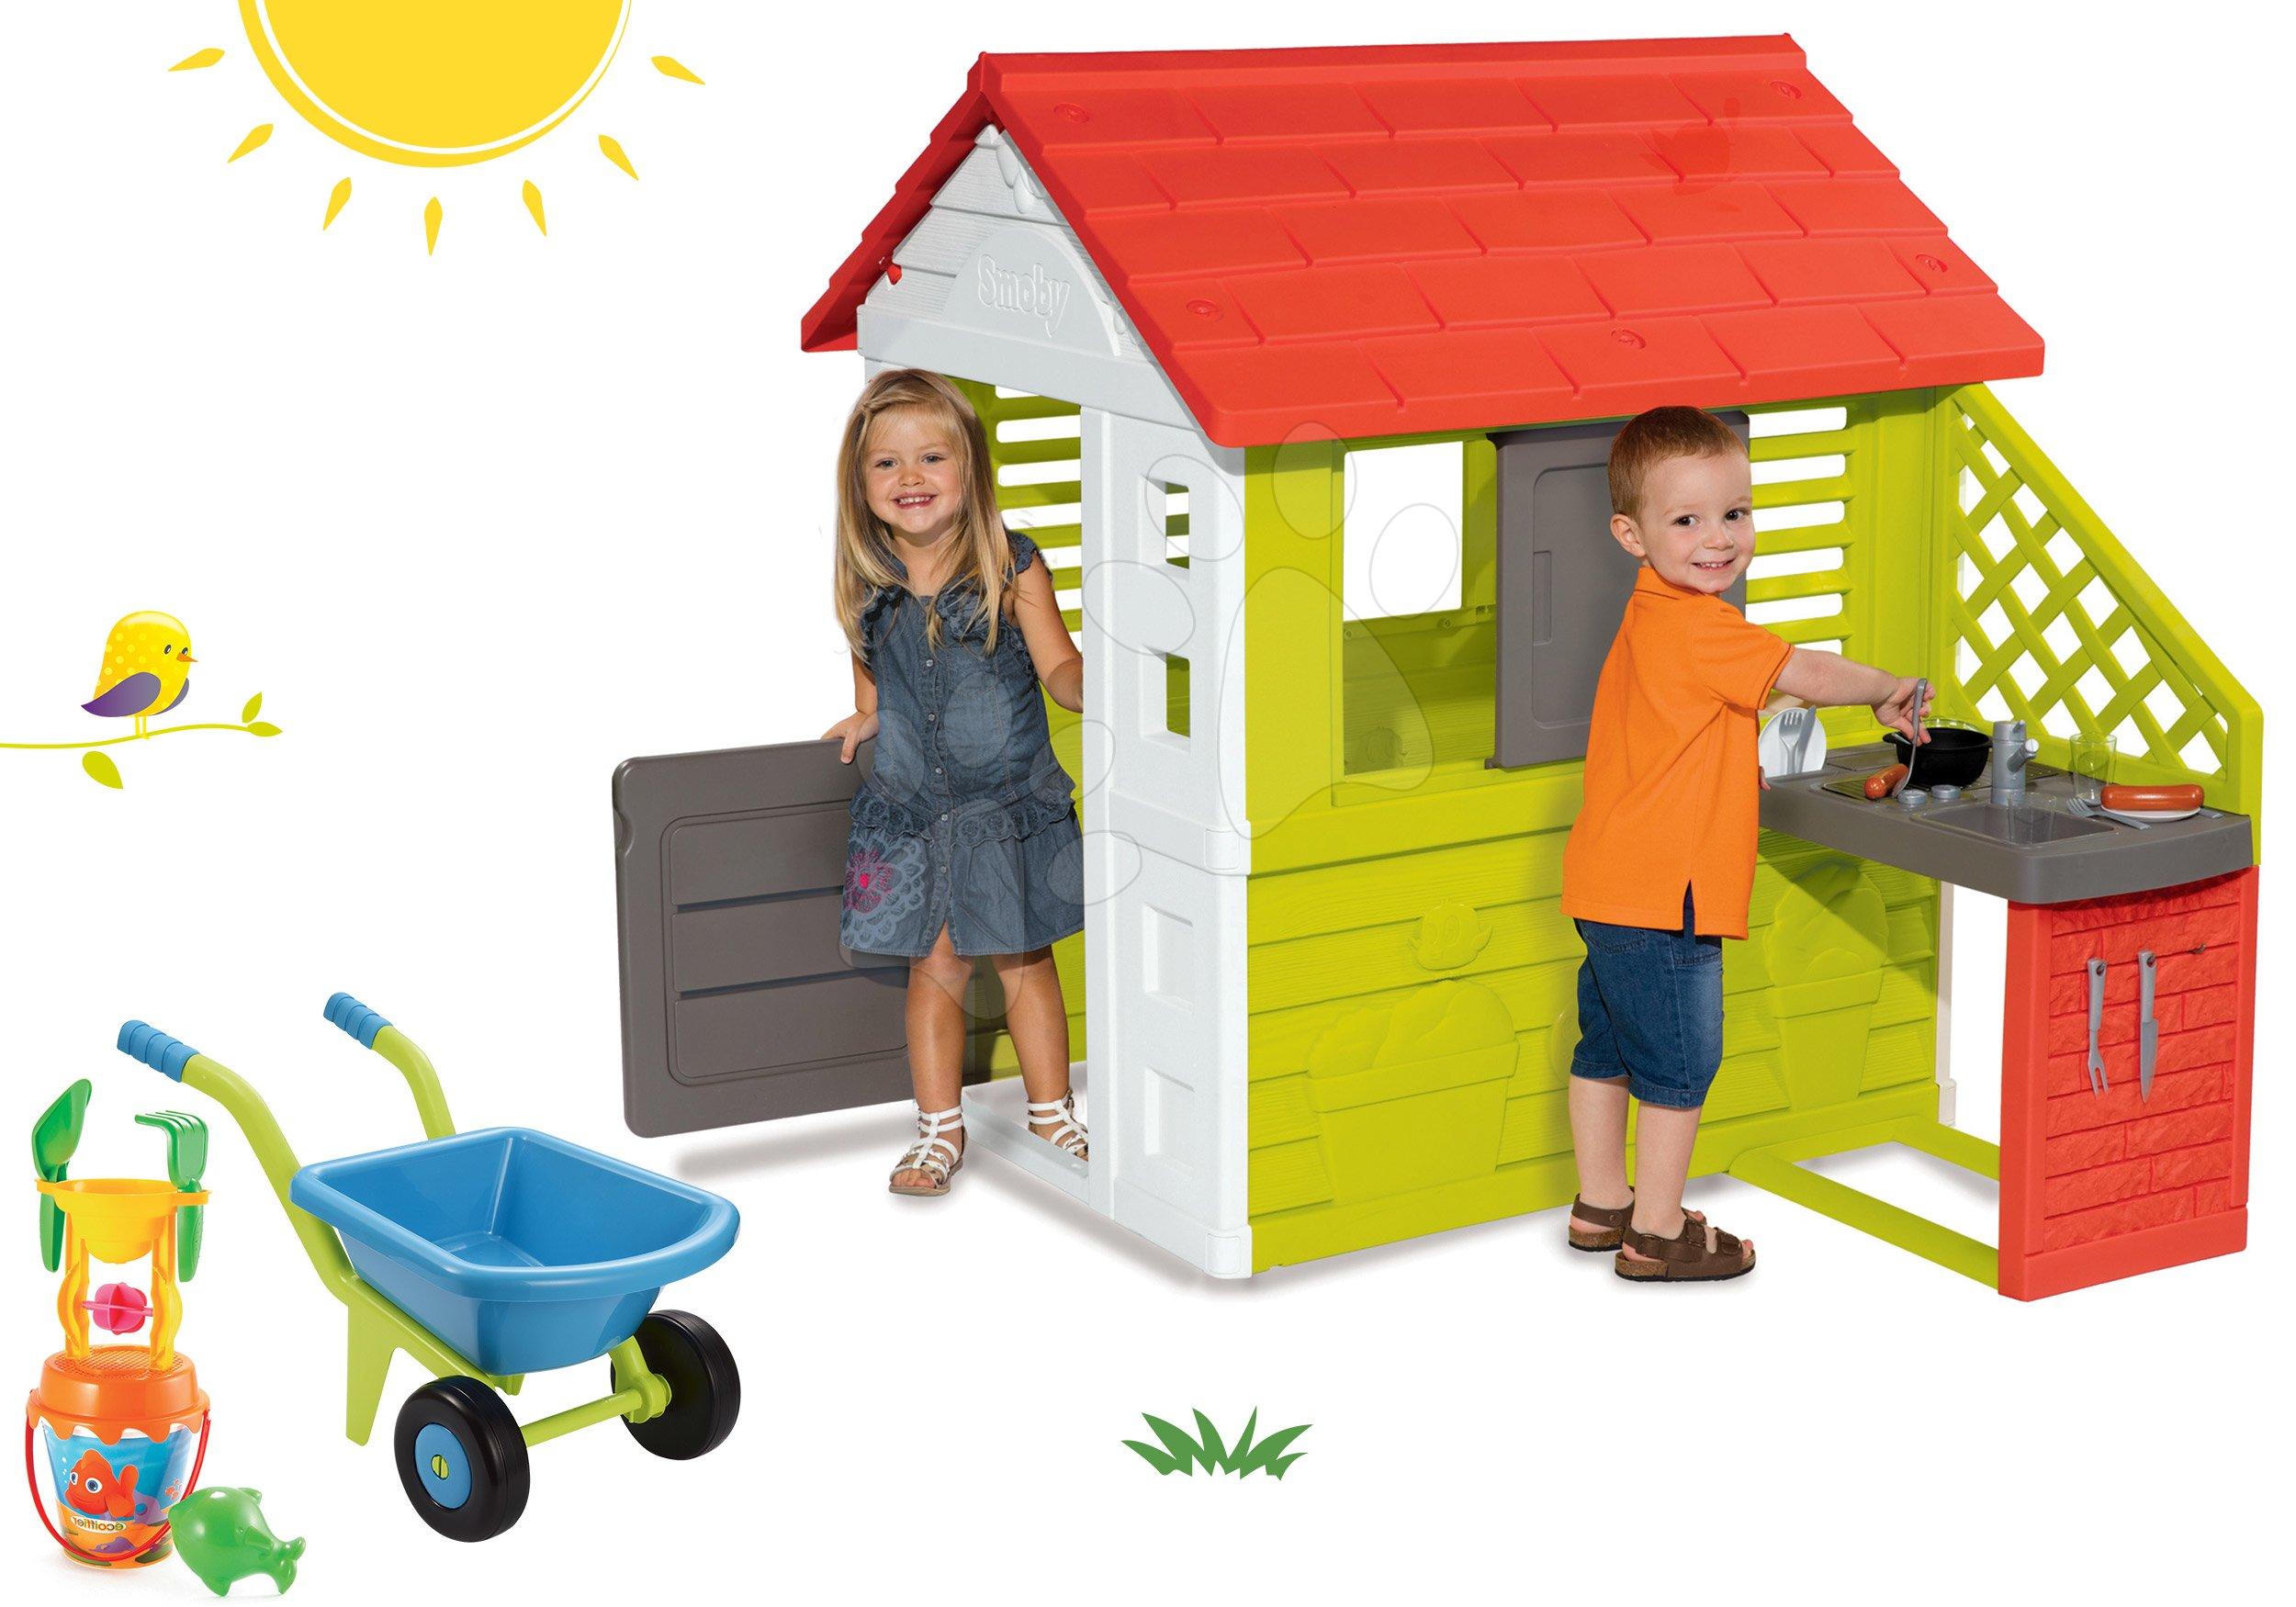 Set domeček Pretty Nature Smoby s letní kuchyňkou, kolečko a kbelík set s mlýnem od 24 měsíců